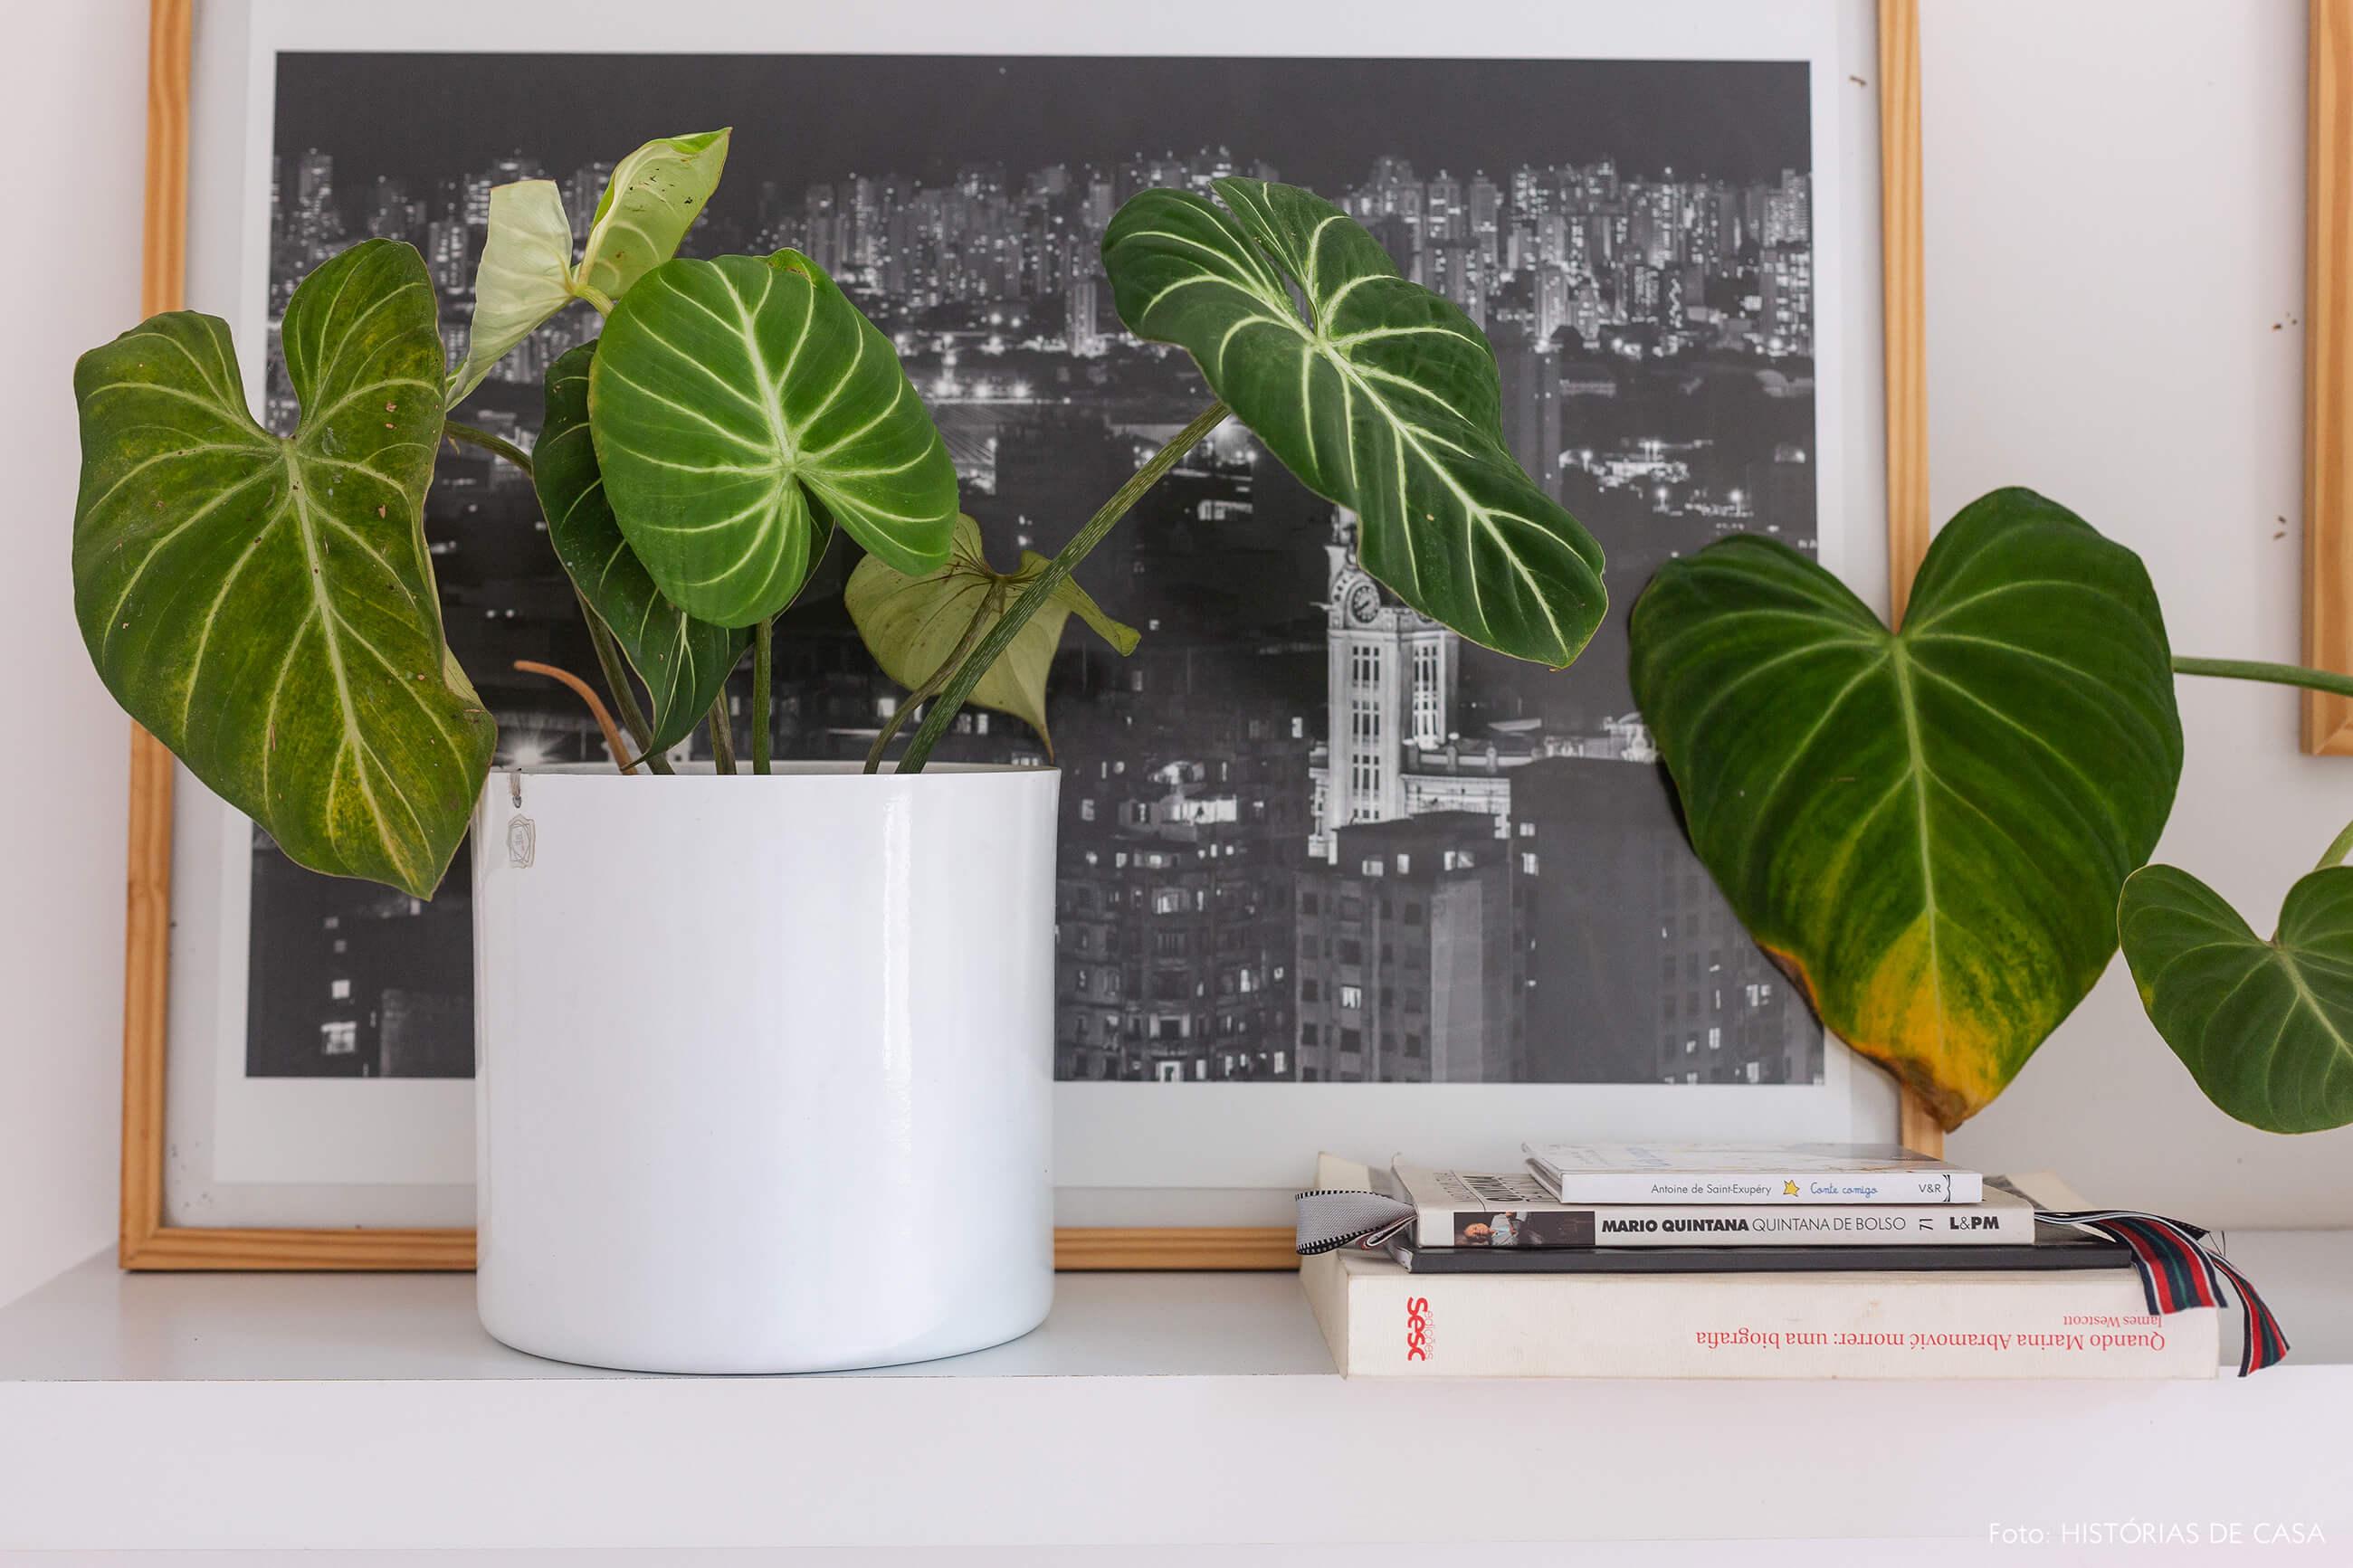 Apartamento pequeno com muitas plantas e cachepôs brancos